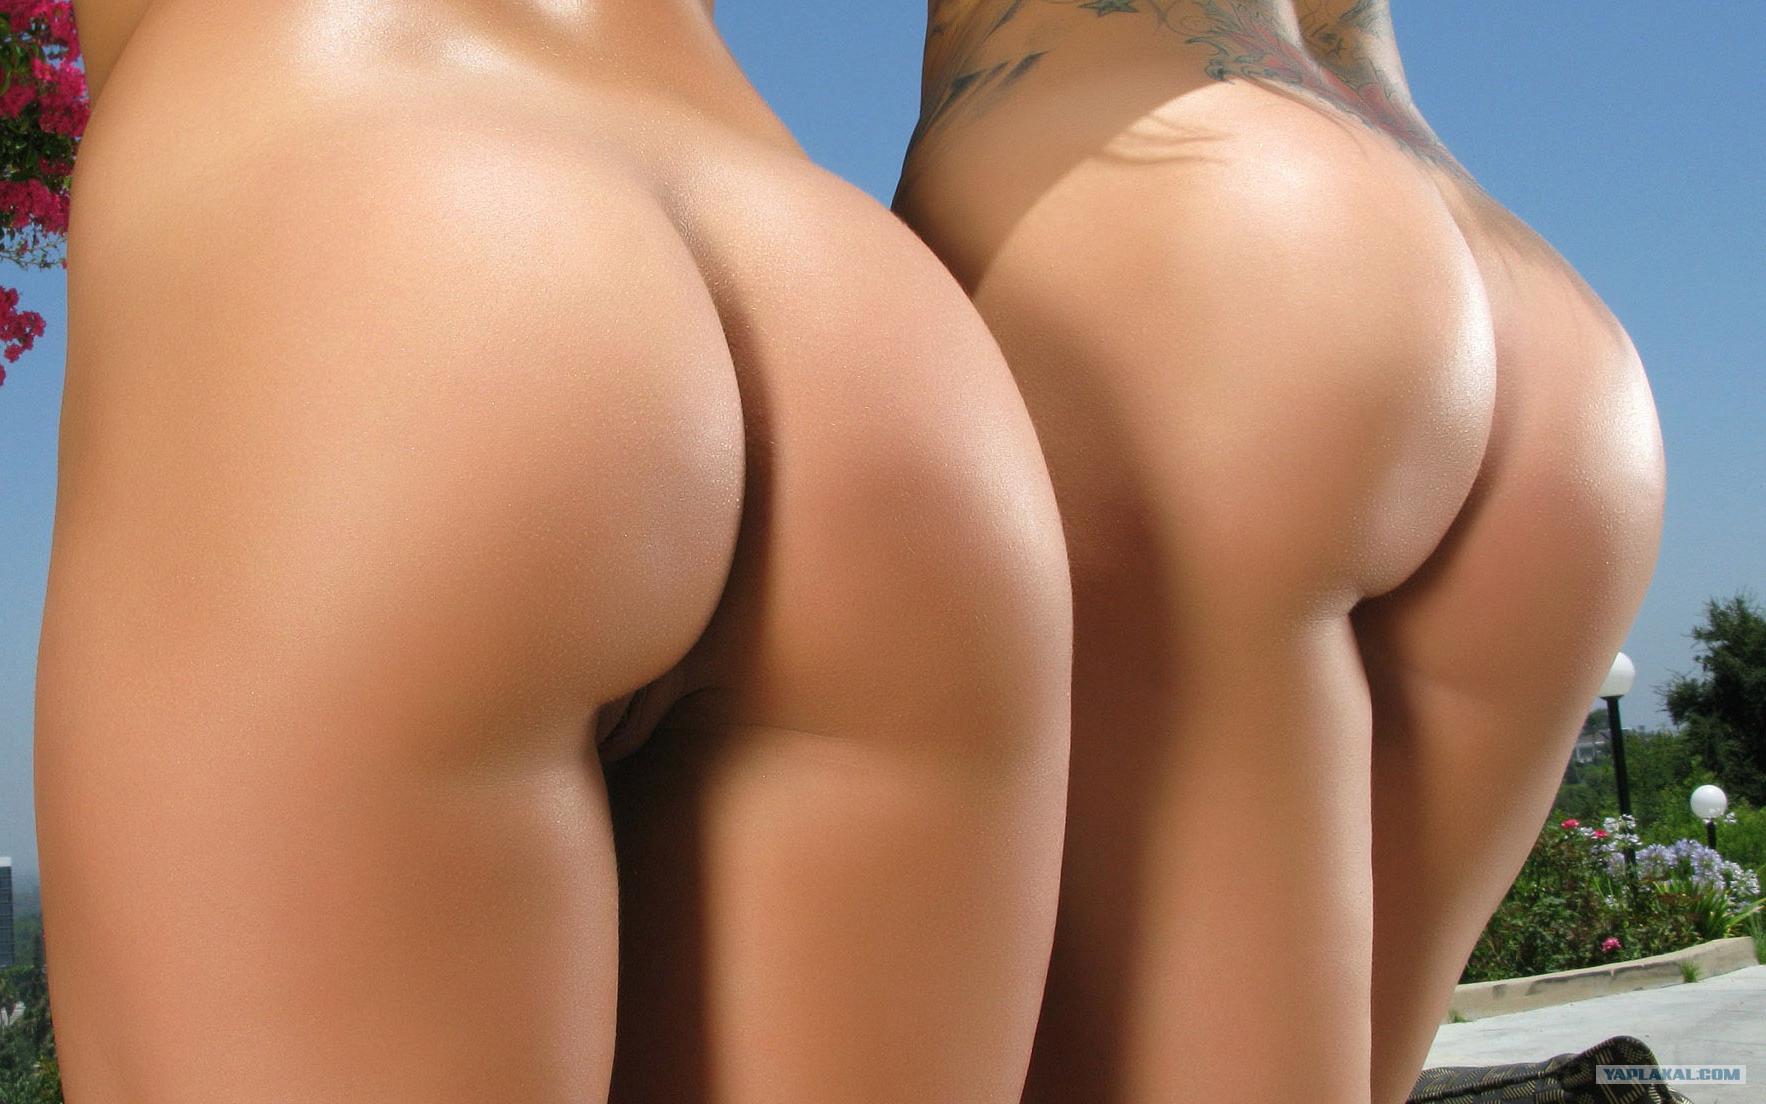 Задницы голые красивые самые фотографии девушки